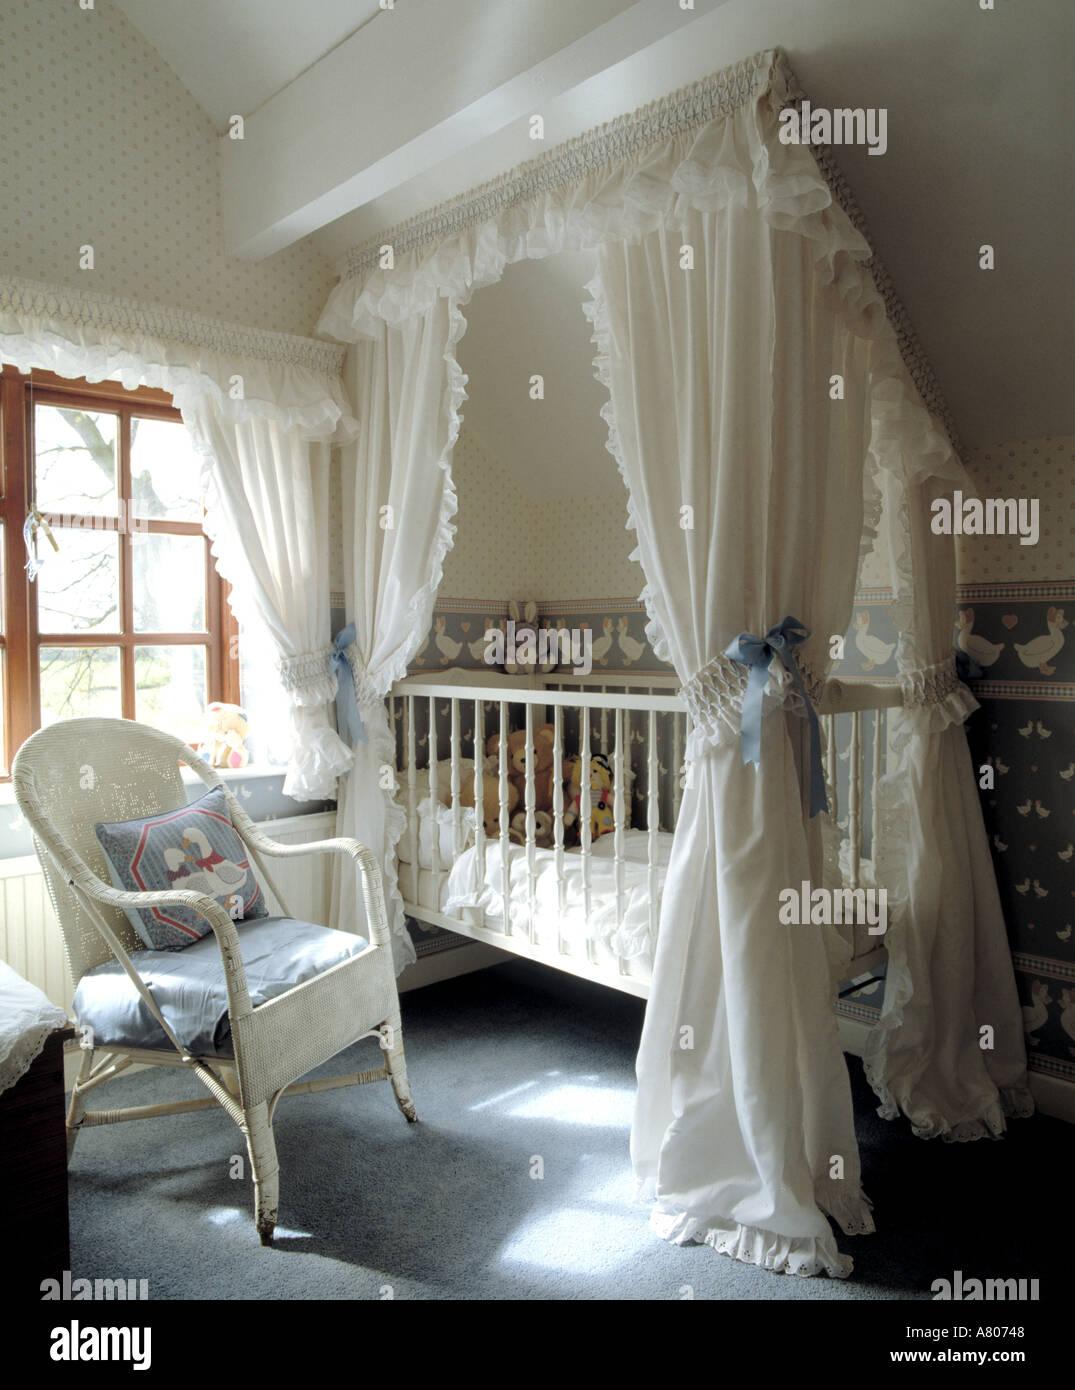 Weiße Baumwolle Vorhänge über dem Babybett im Dachgeschoss ...